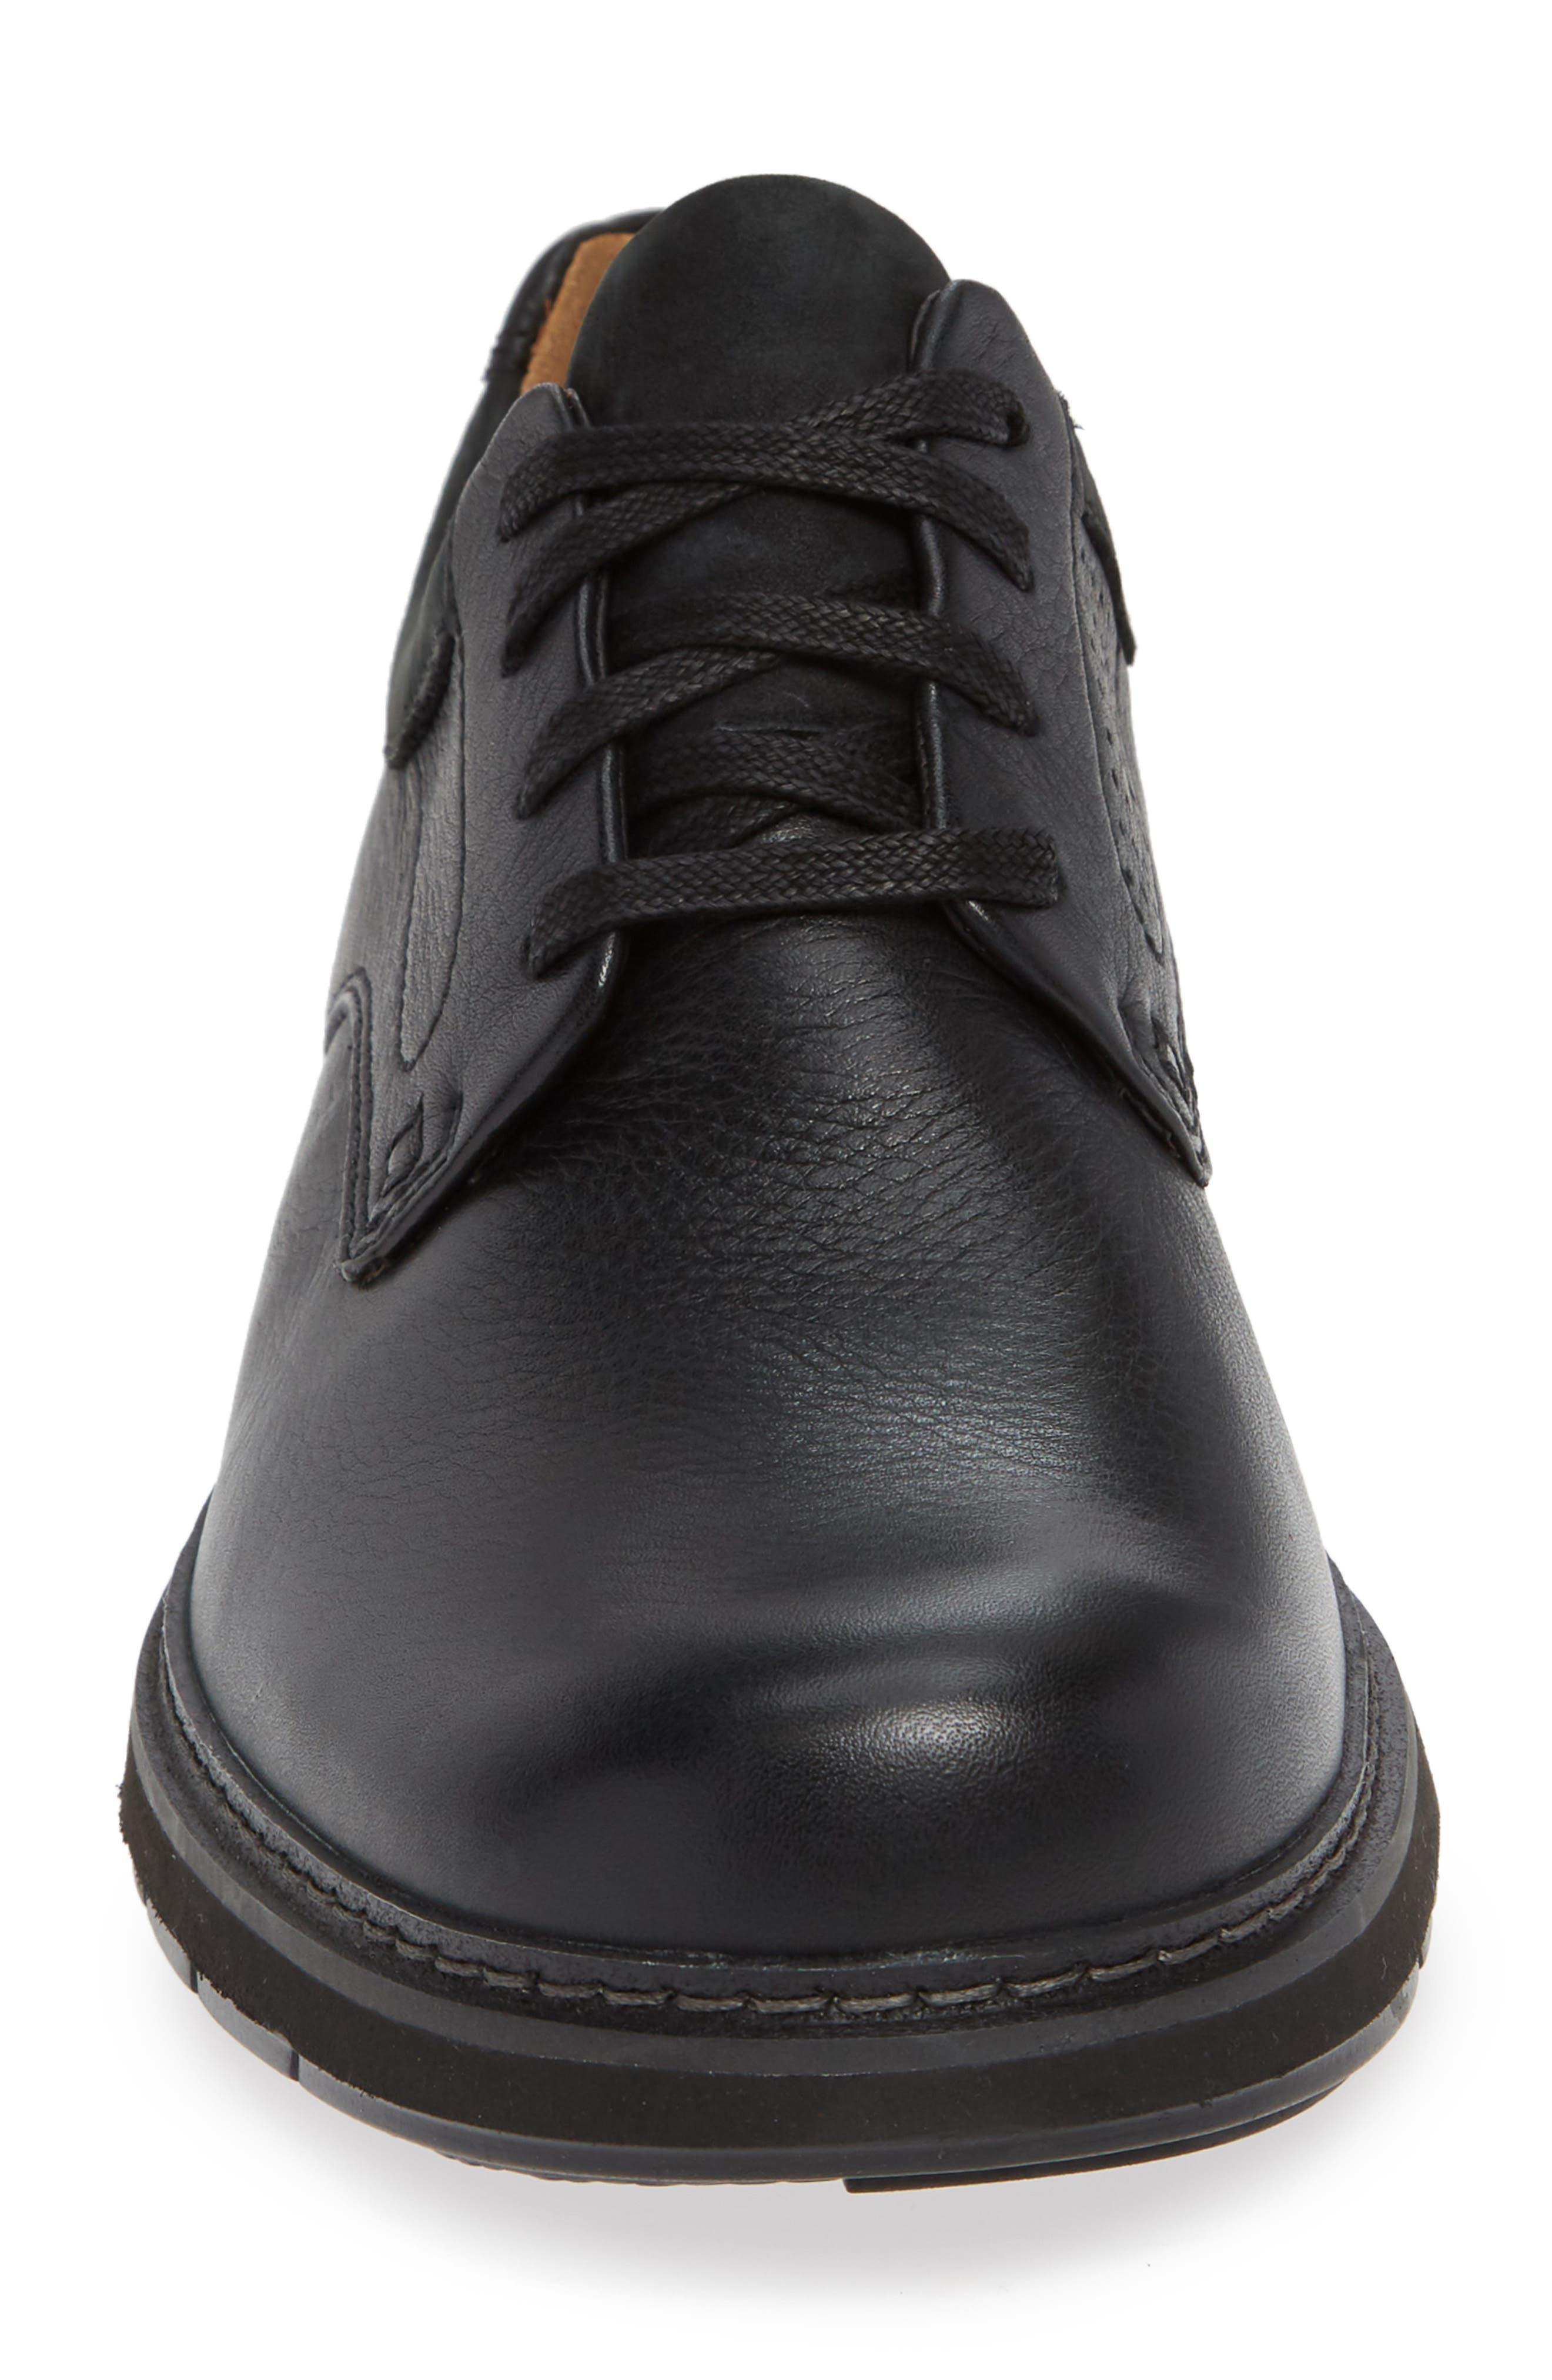 Un Ramble Lo Plain Toe Derby,                             Alternate thumbnail 4, color,                             BLACK LEATHER